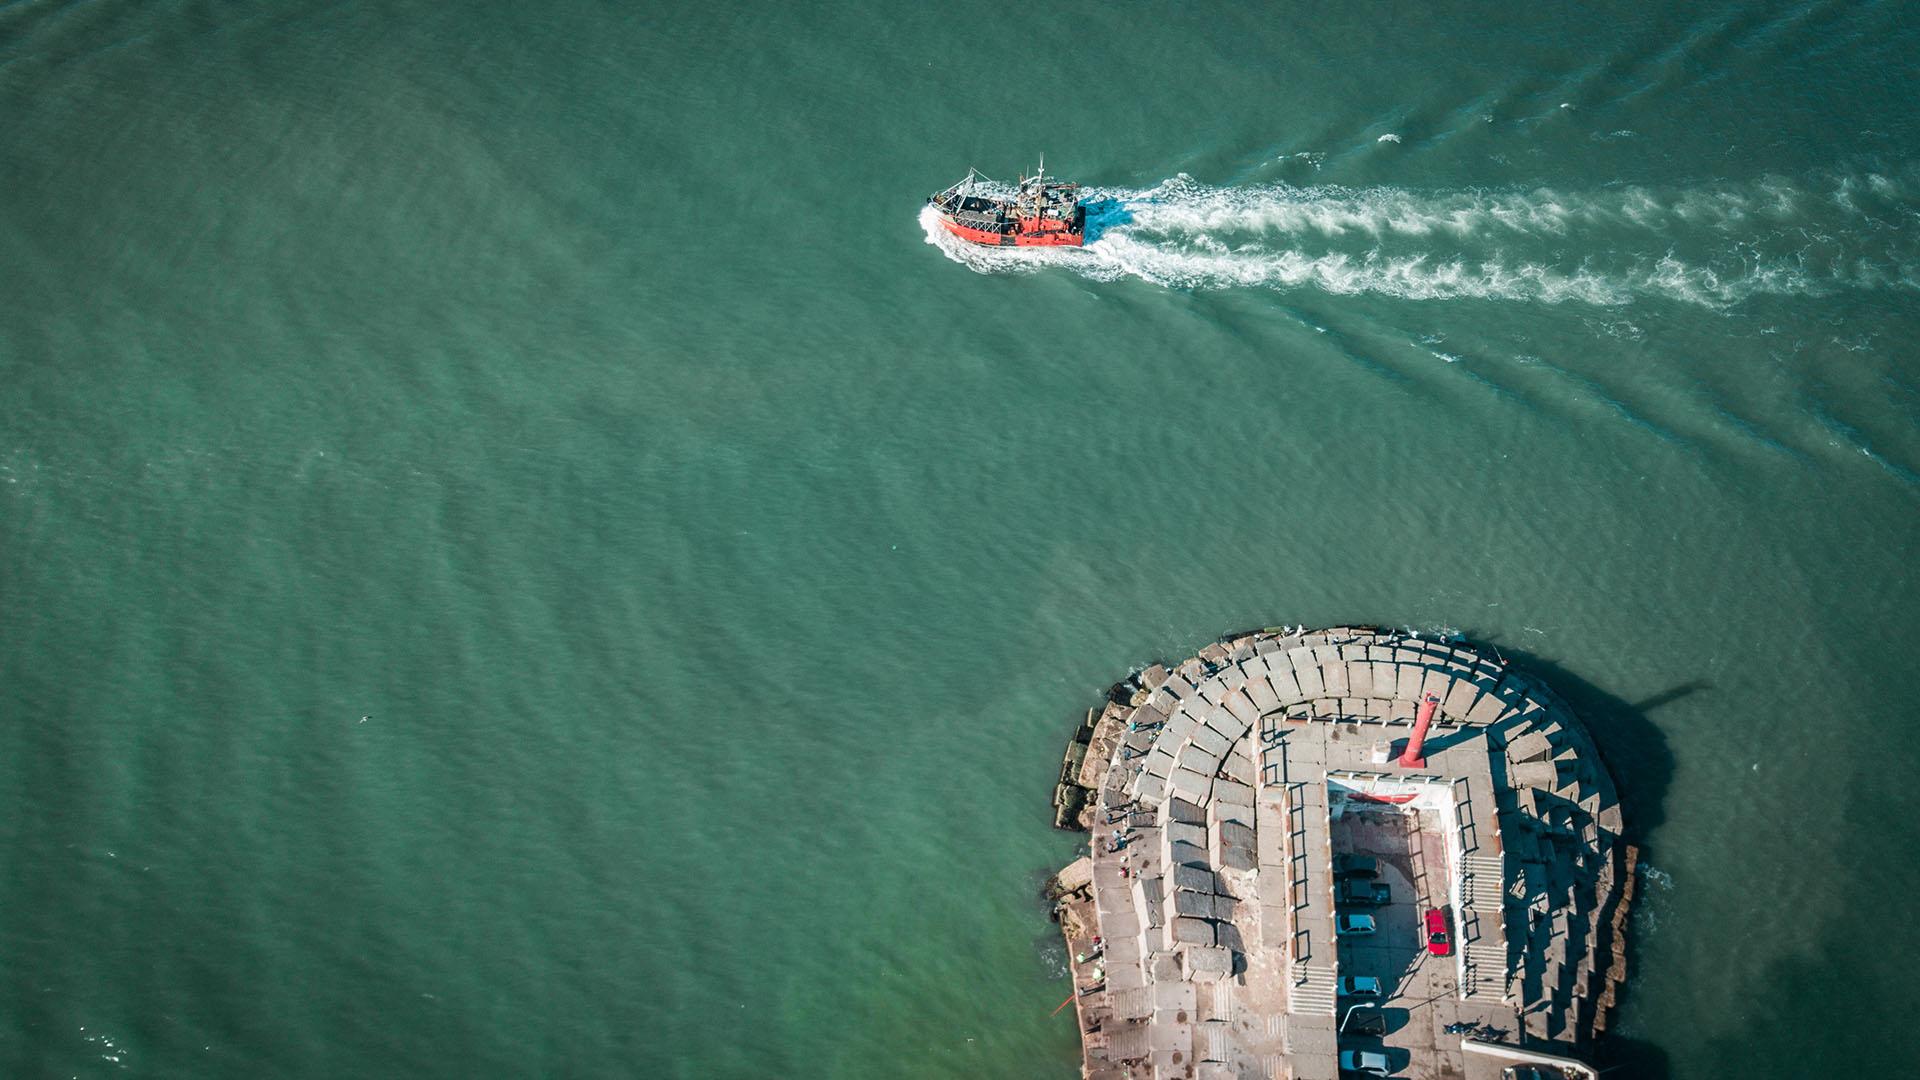 El puerto se ubica en la costa de Mar del Plata y está encerrado por dos importantes escolleras, la Norte y la Sur